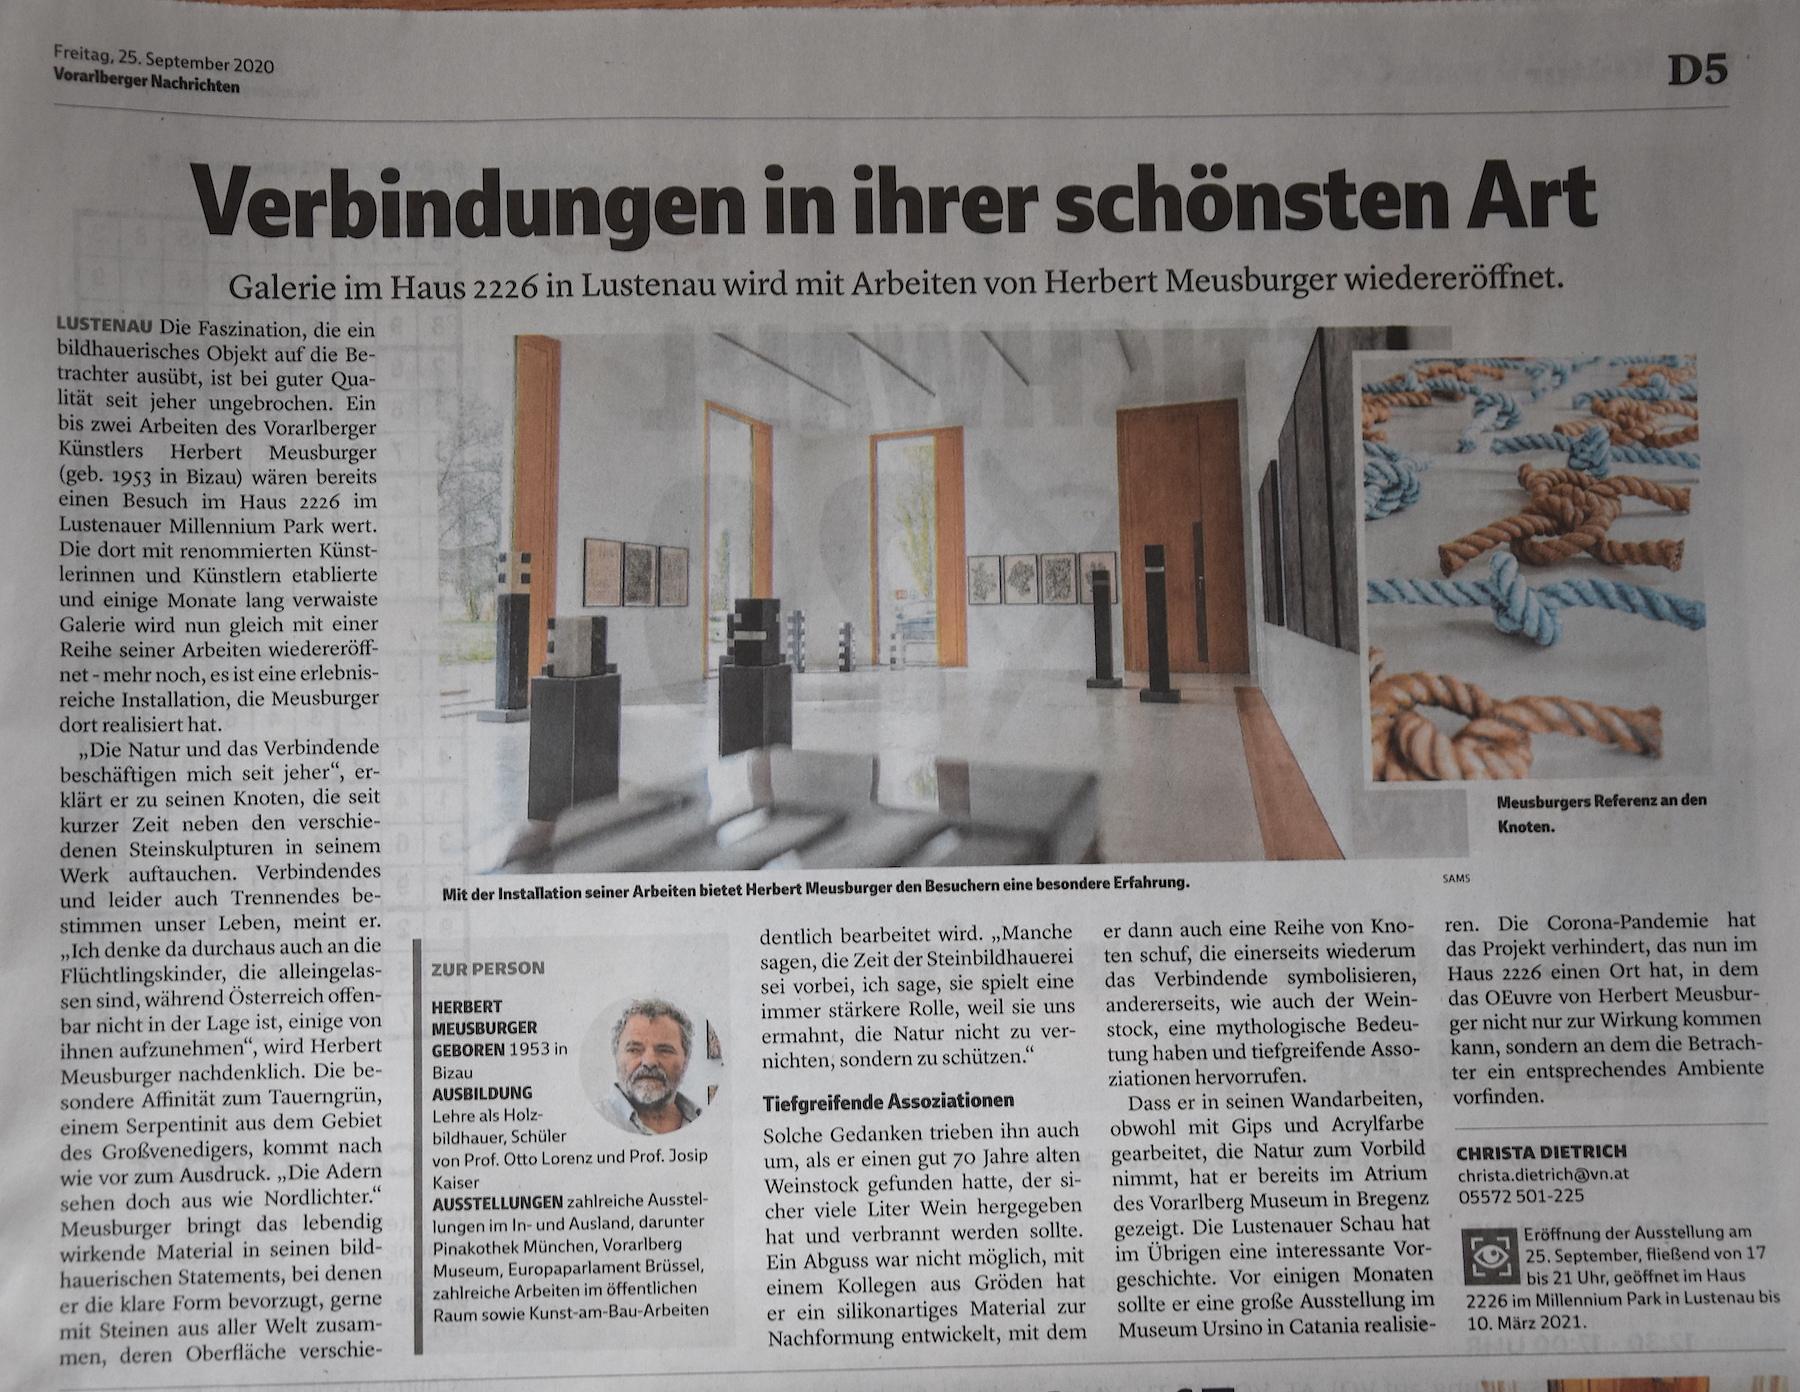 Vorarlberger Nachrichten, 25.9.2020, Seite D5